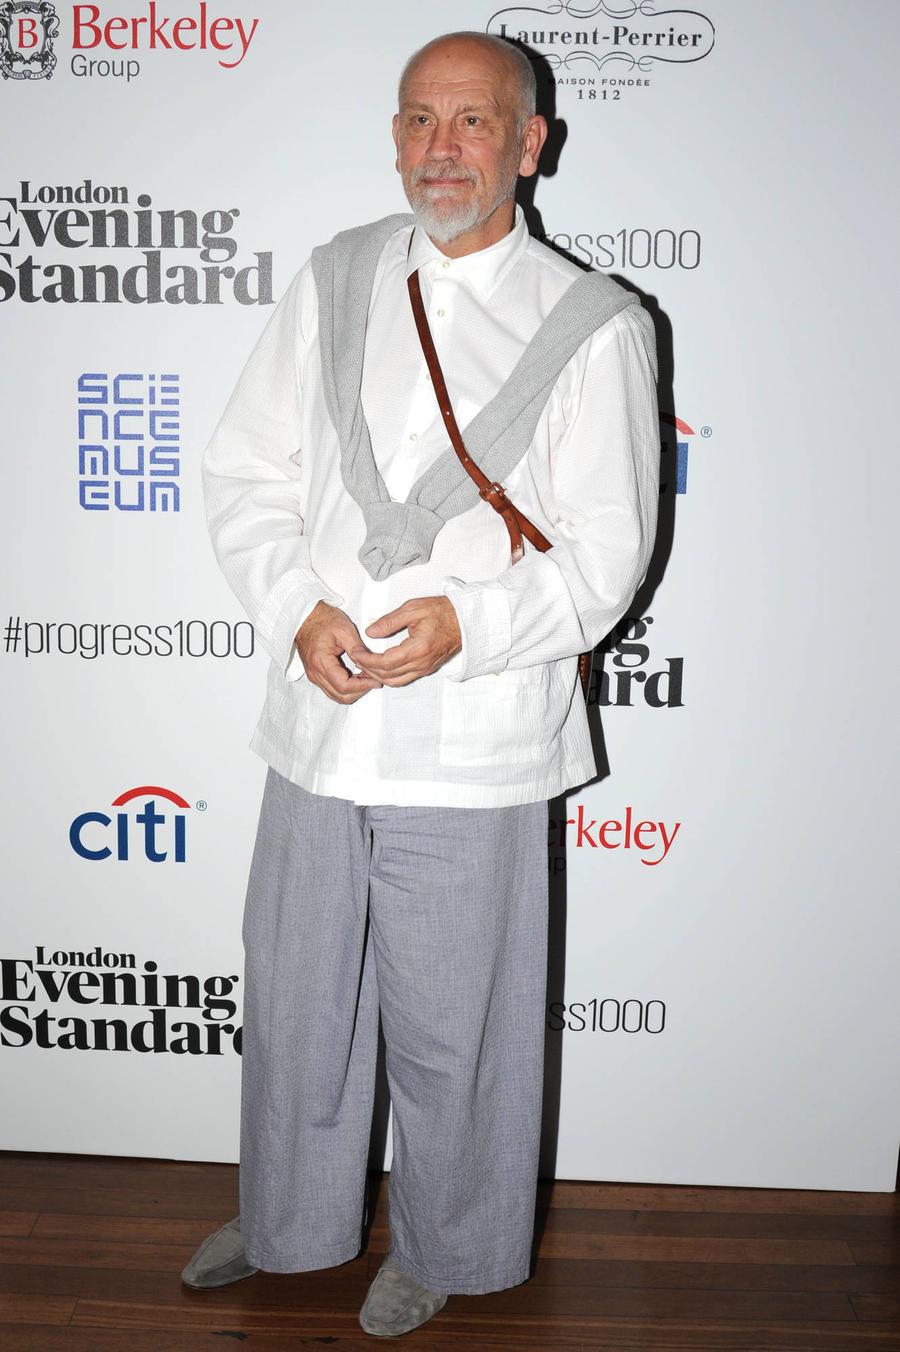 John Malkovich Wins Libel Suit